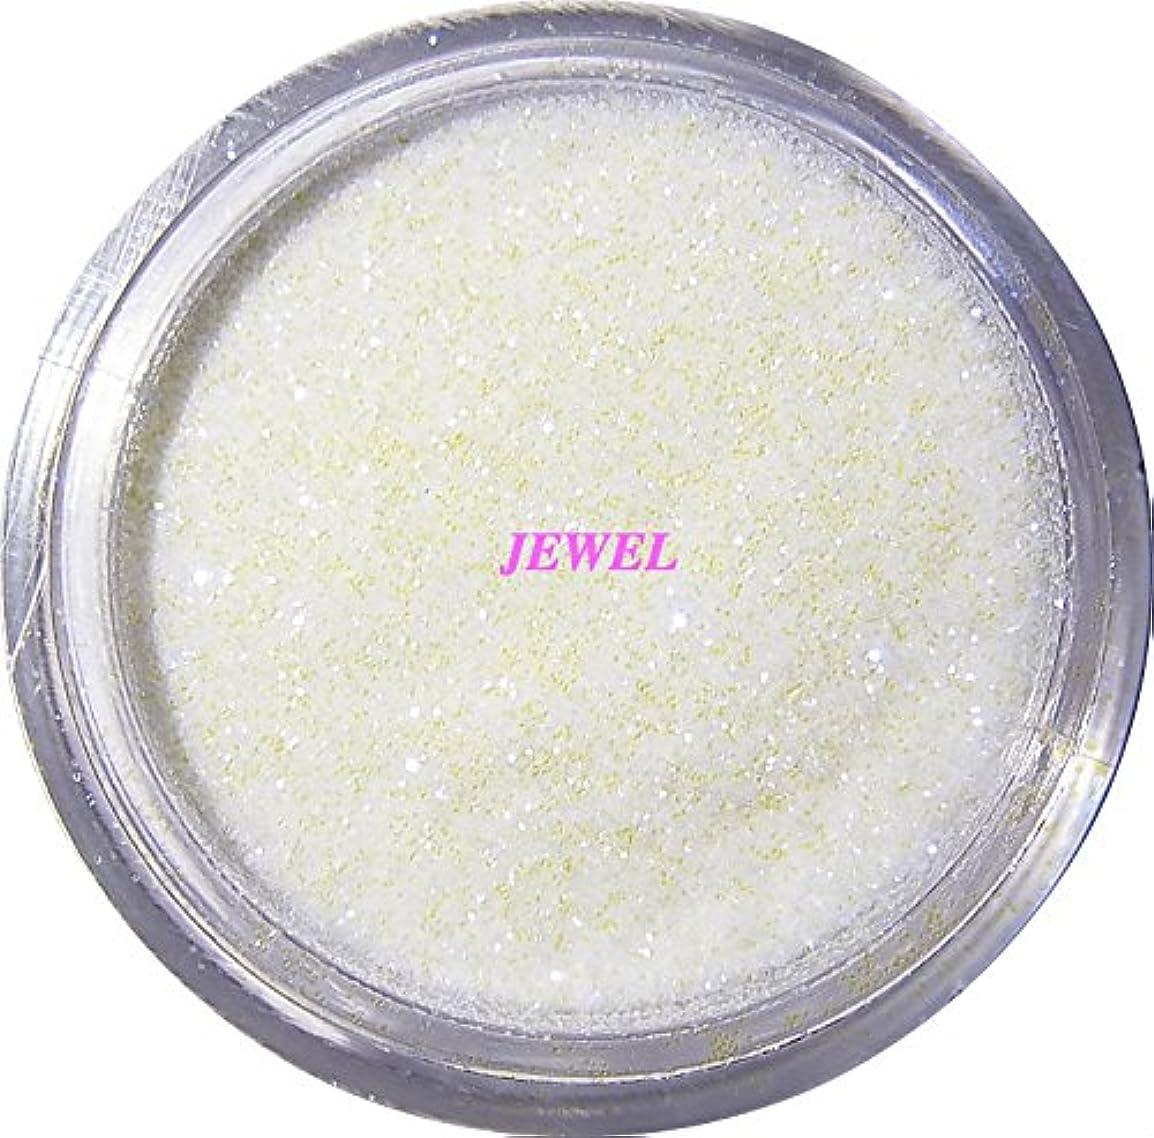 ナプキン浸す気味の悪い【jewel】 超微粒子ラメパウダー(白/パールホワイト) 256/1サイズ 2g入り グリッター レジン&ネイル用